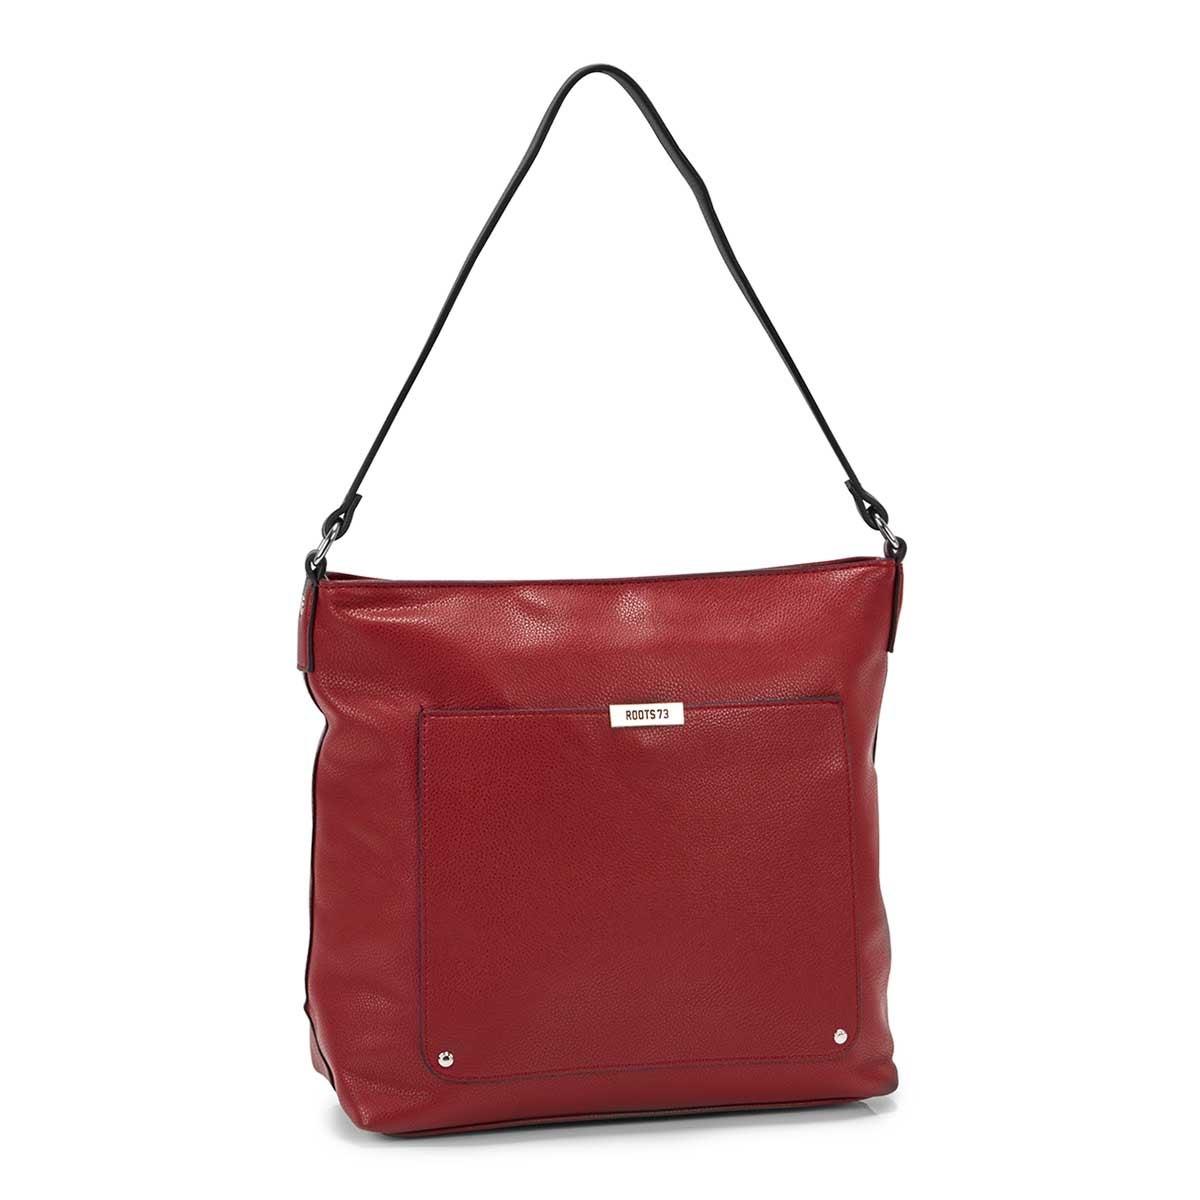 Women's R5182 red square hobo bag